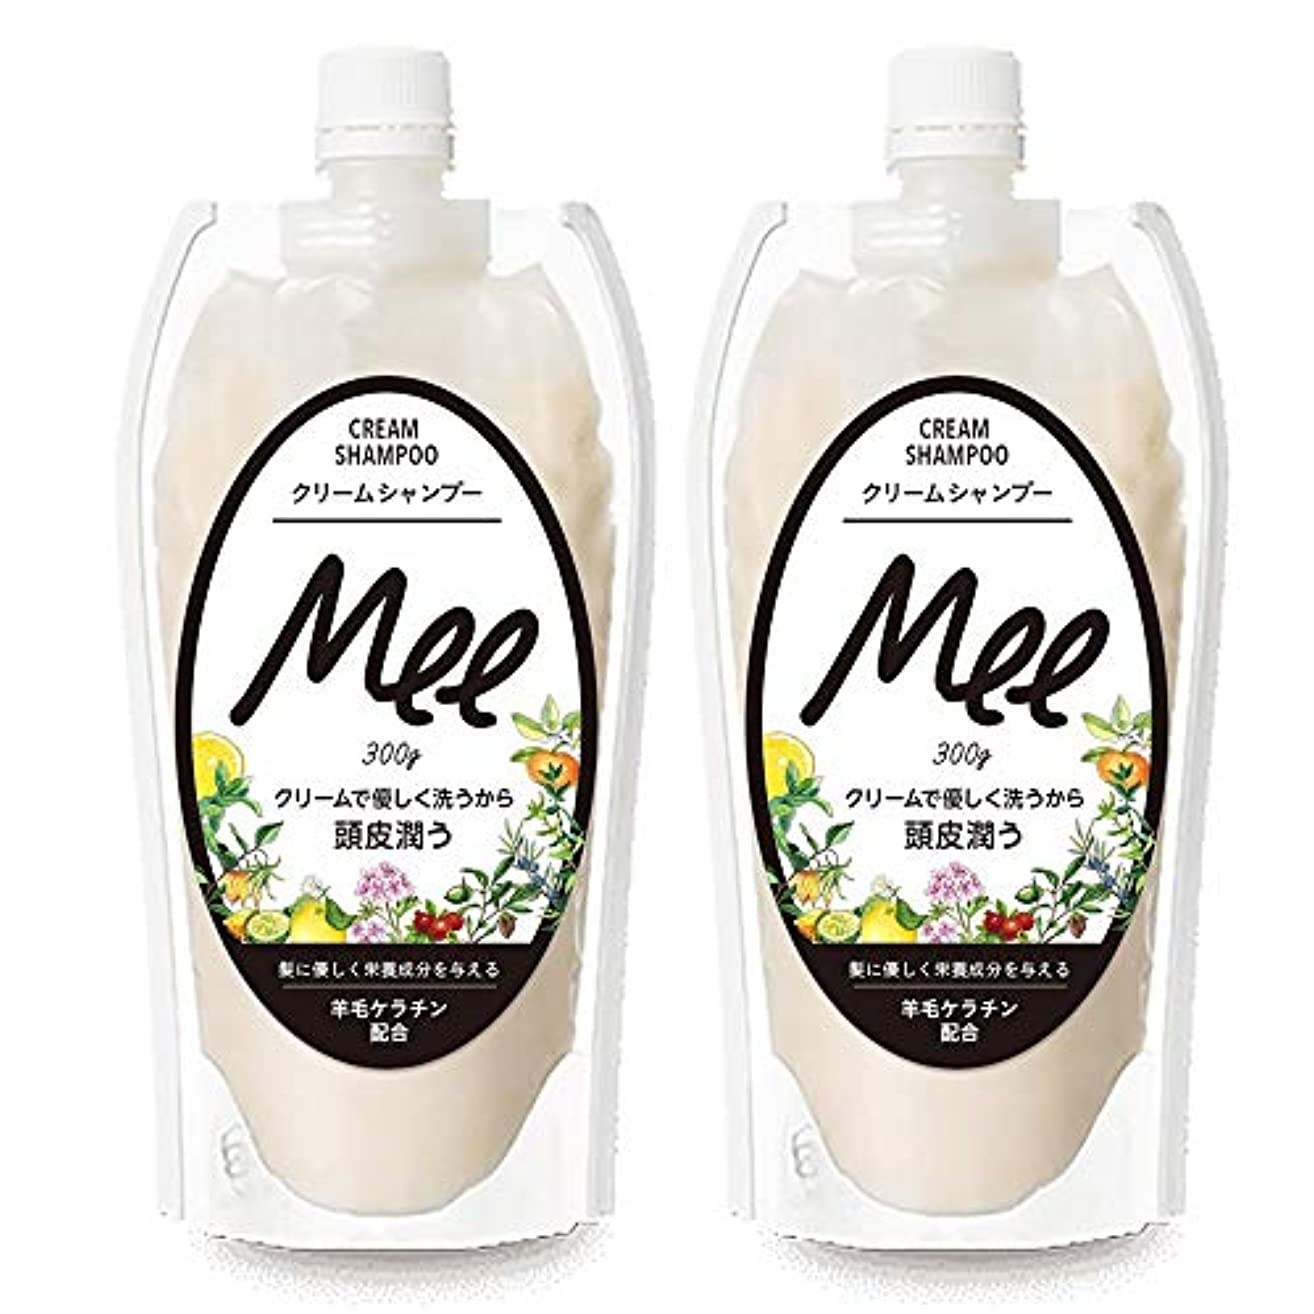 そよ風分泌する昼間まとめ買い【2個組】 NEW!! 洗えるトリートメントMEE Mee 300g×2個SET クリームシャンプー 皮脂 乾燥肌 ダメージケア 大容量 時短 フケ かゆみ